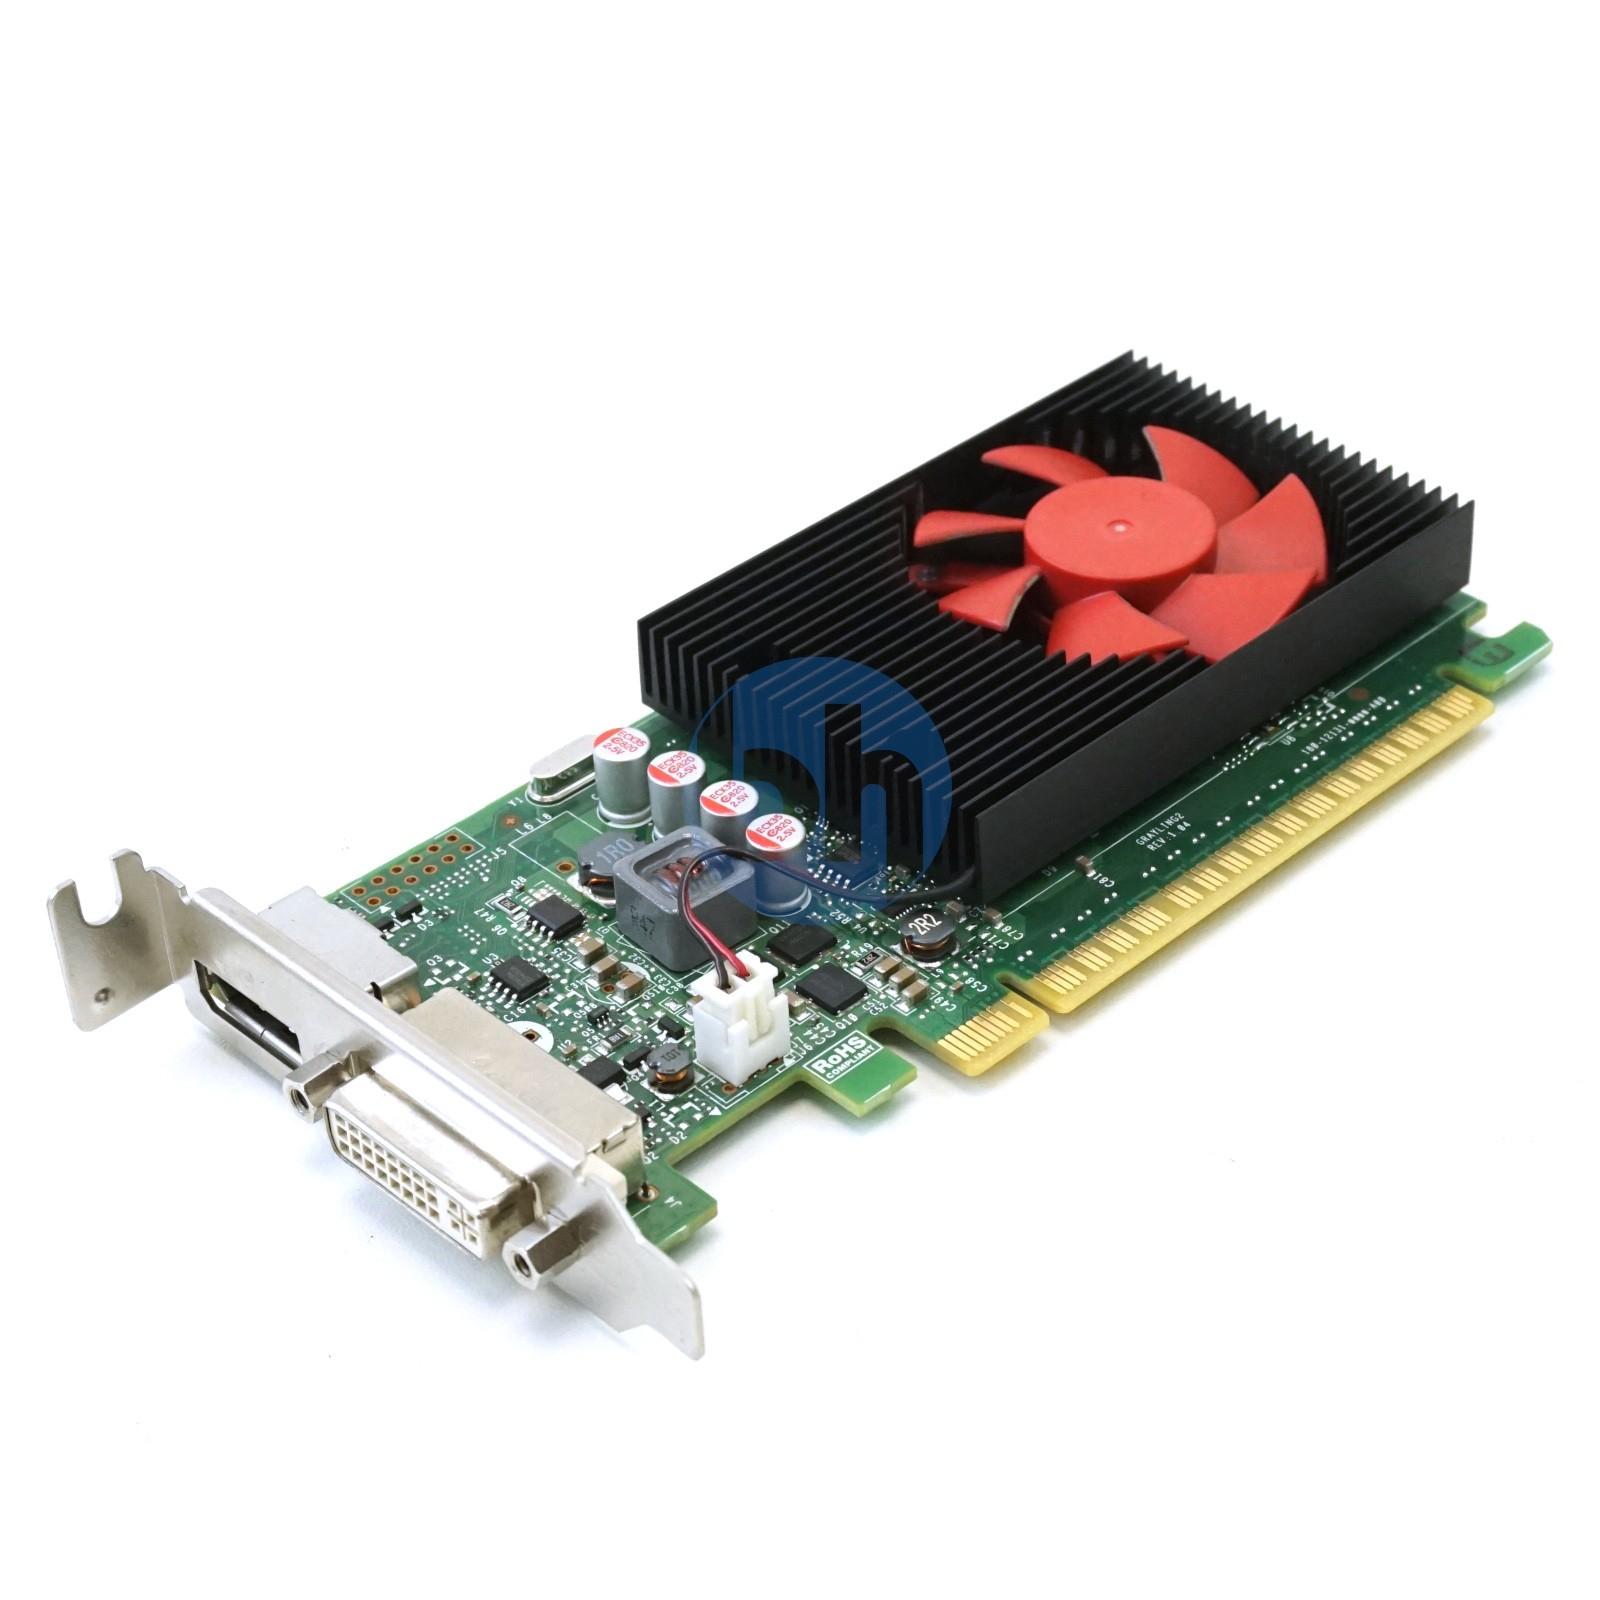 Refurbished nVidia GeForce GT730 - 2GB GDDR5 PCIe-x16 LP £33.59 delivered @ Bargain Hardware